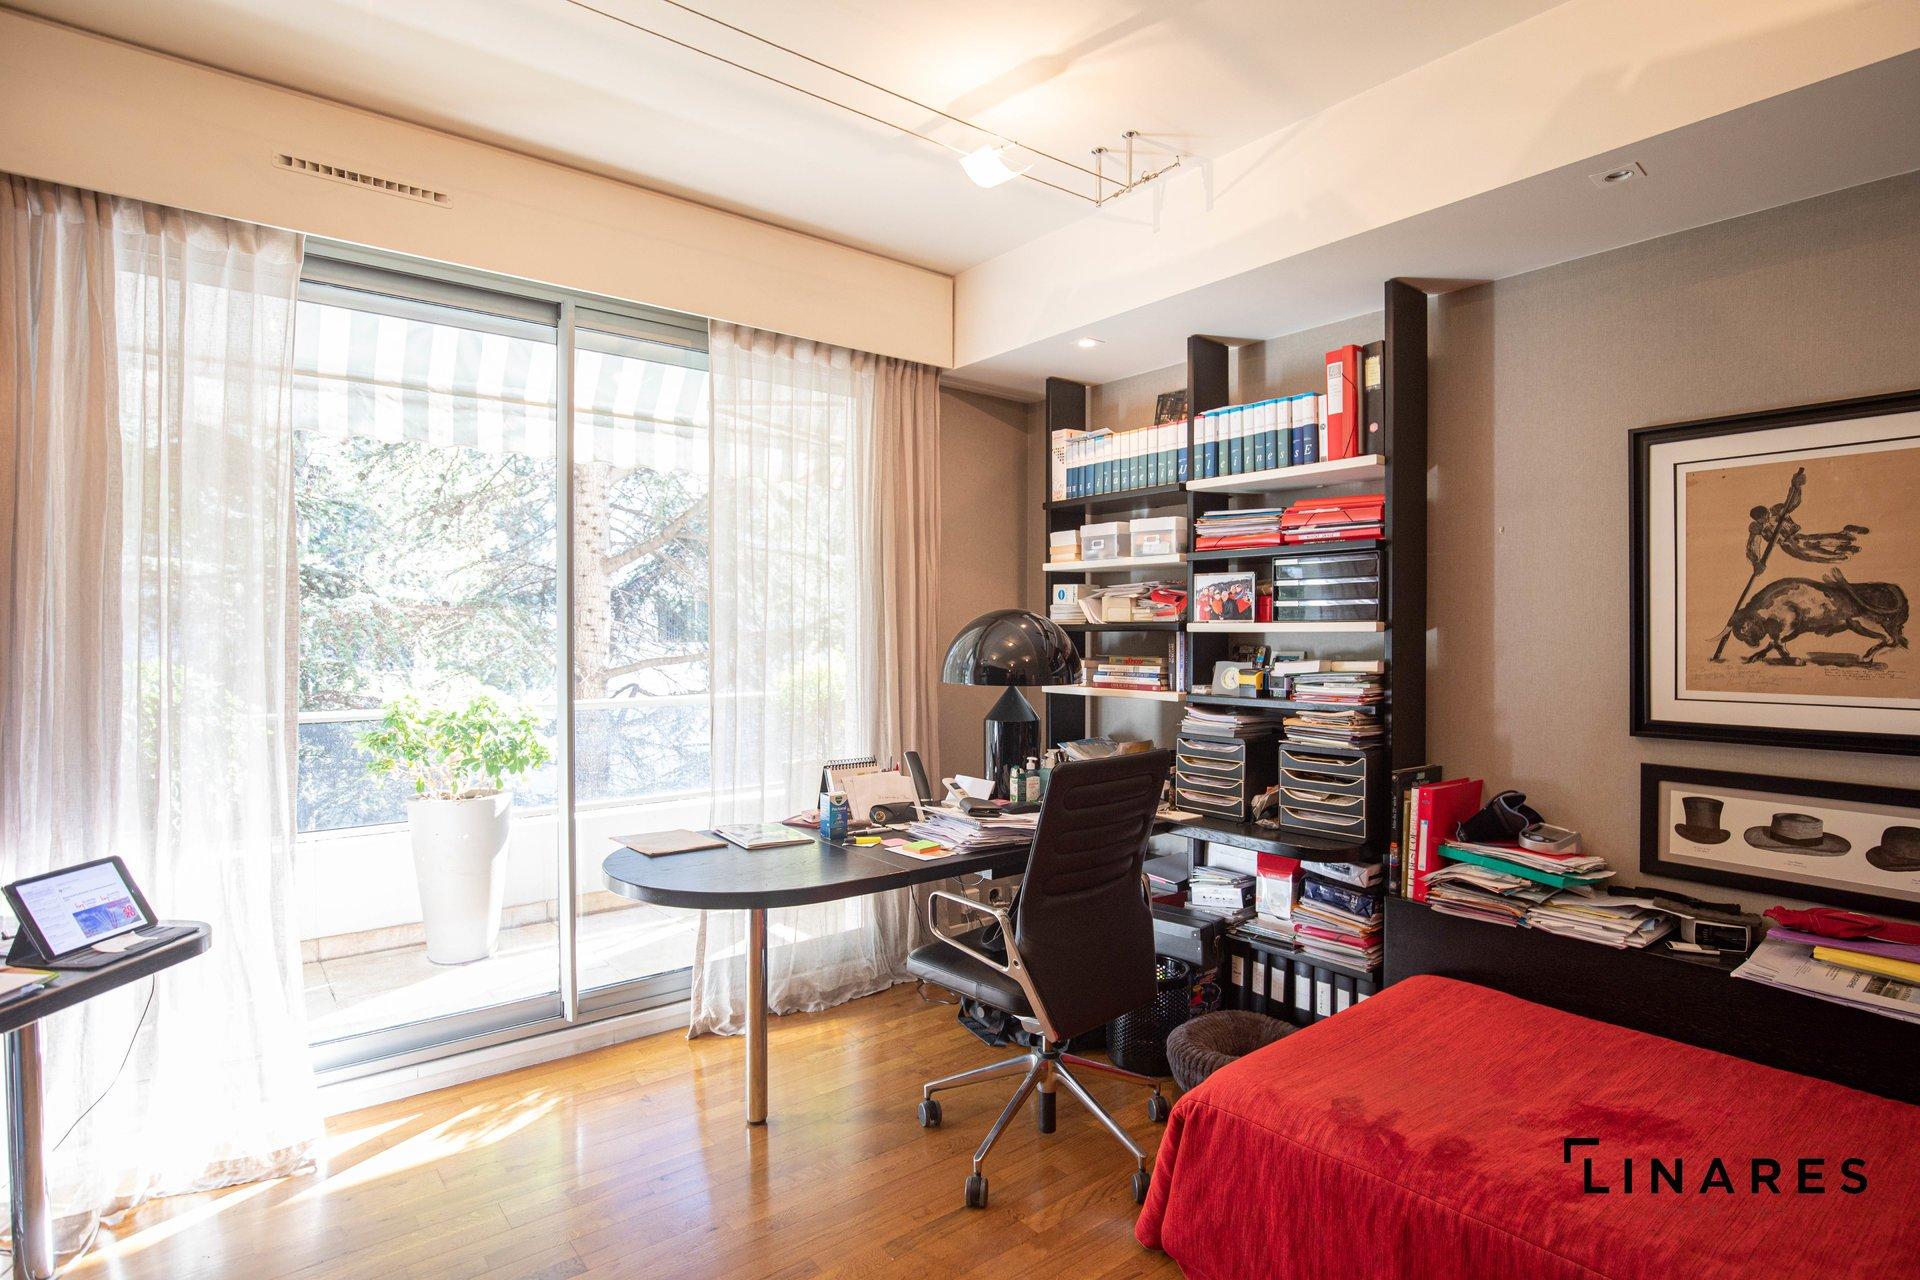 UN JARDIN SUR LA COLLINE - Appartement Duplex rez de jardin de 180 m2